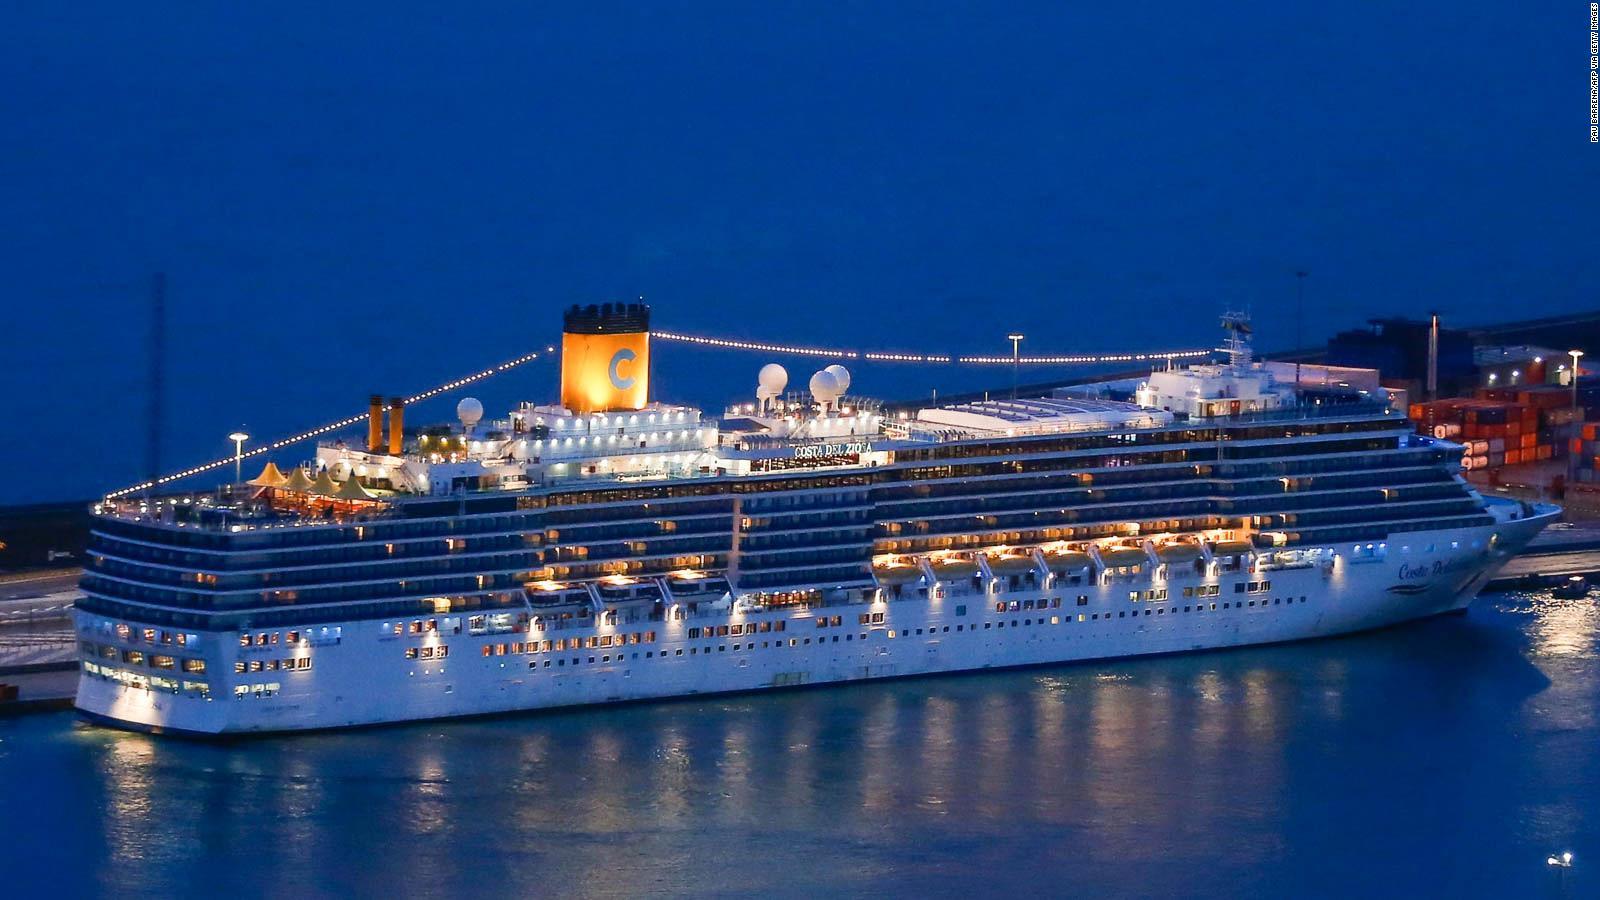 Giấc mơ thấy tàu du lịch có ý nghĩa gì? Mơ thấy tàu nên đánh con gì?